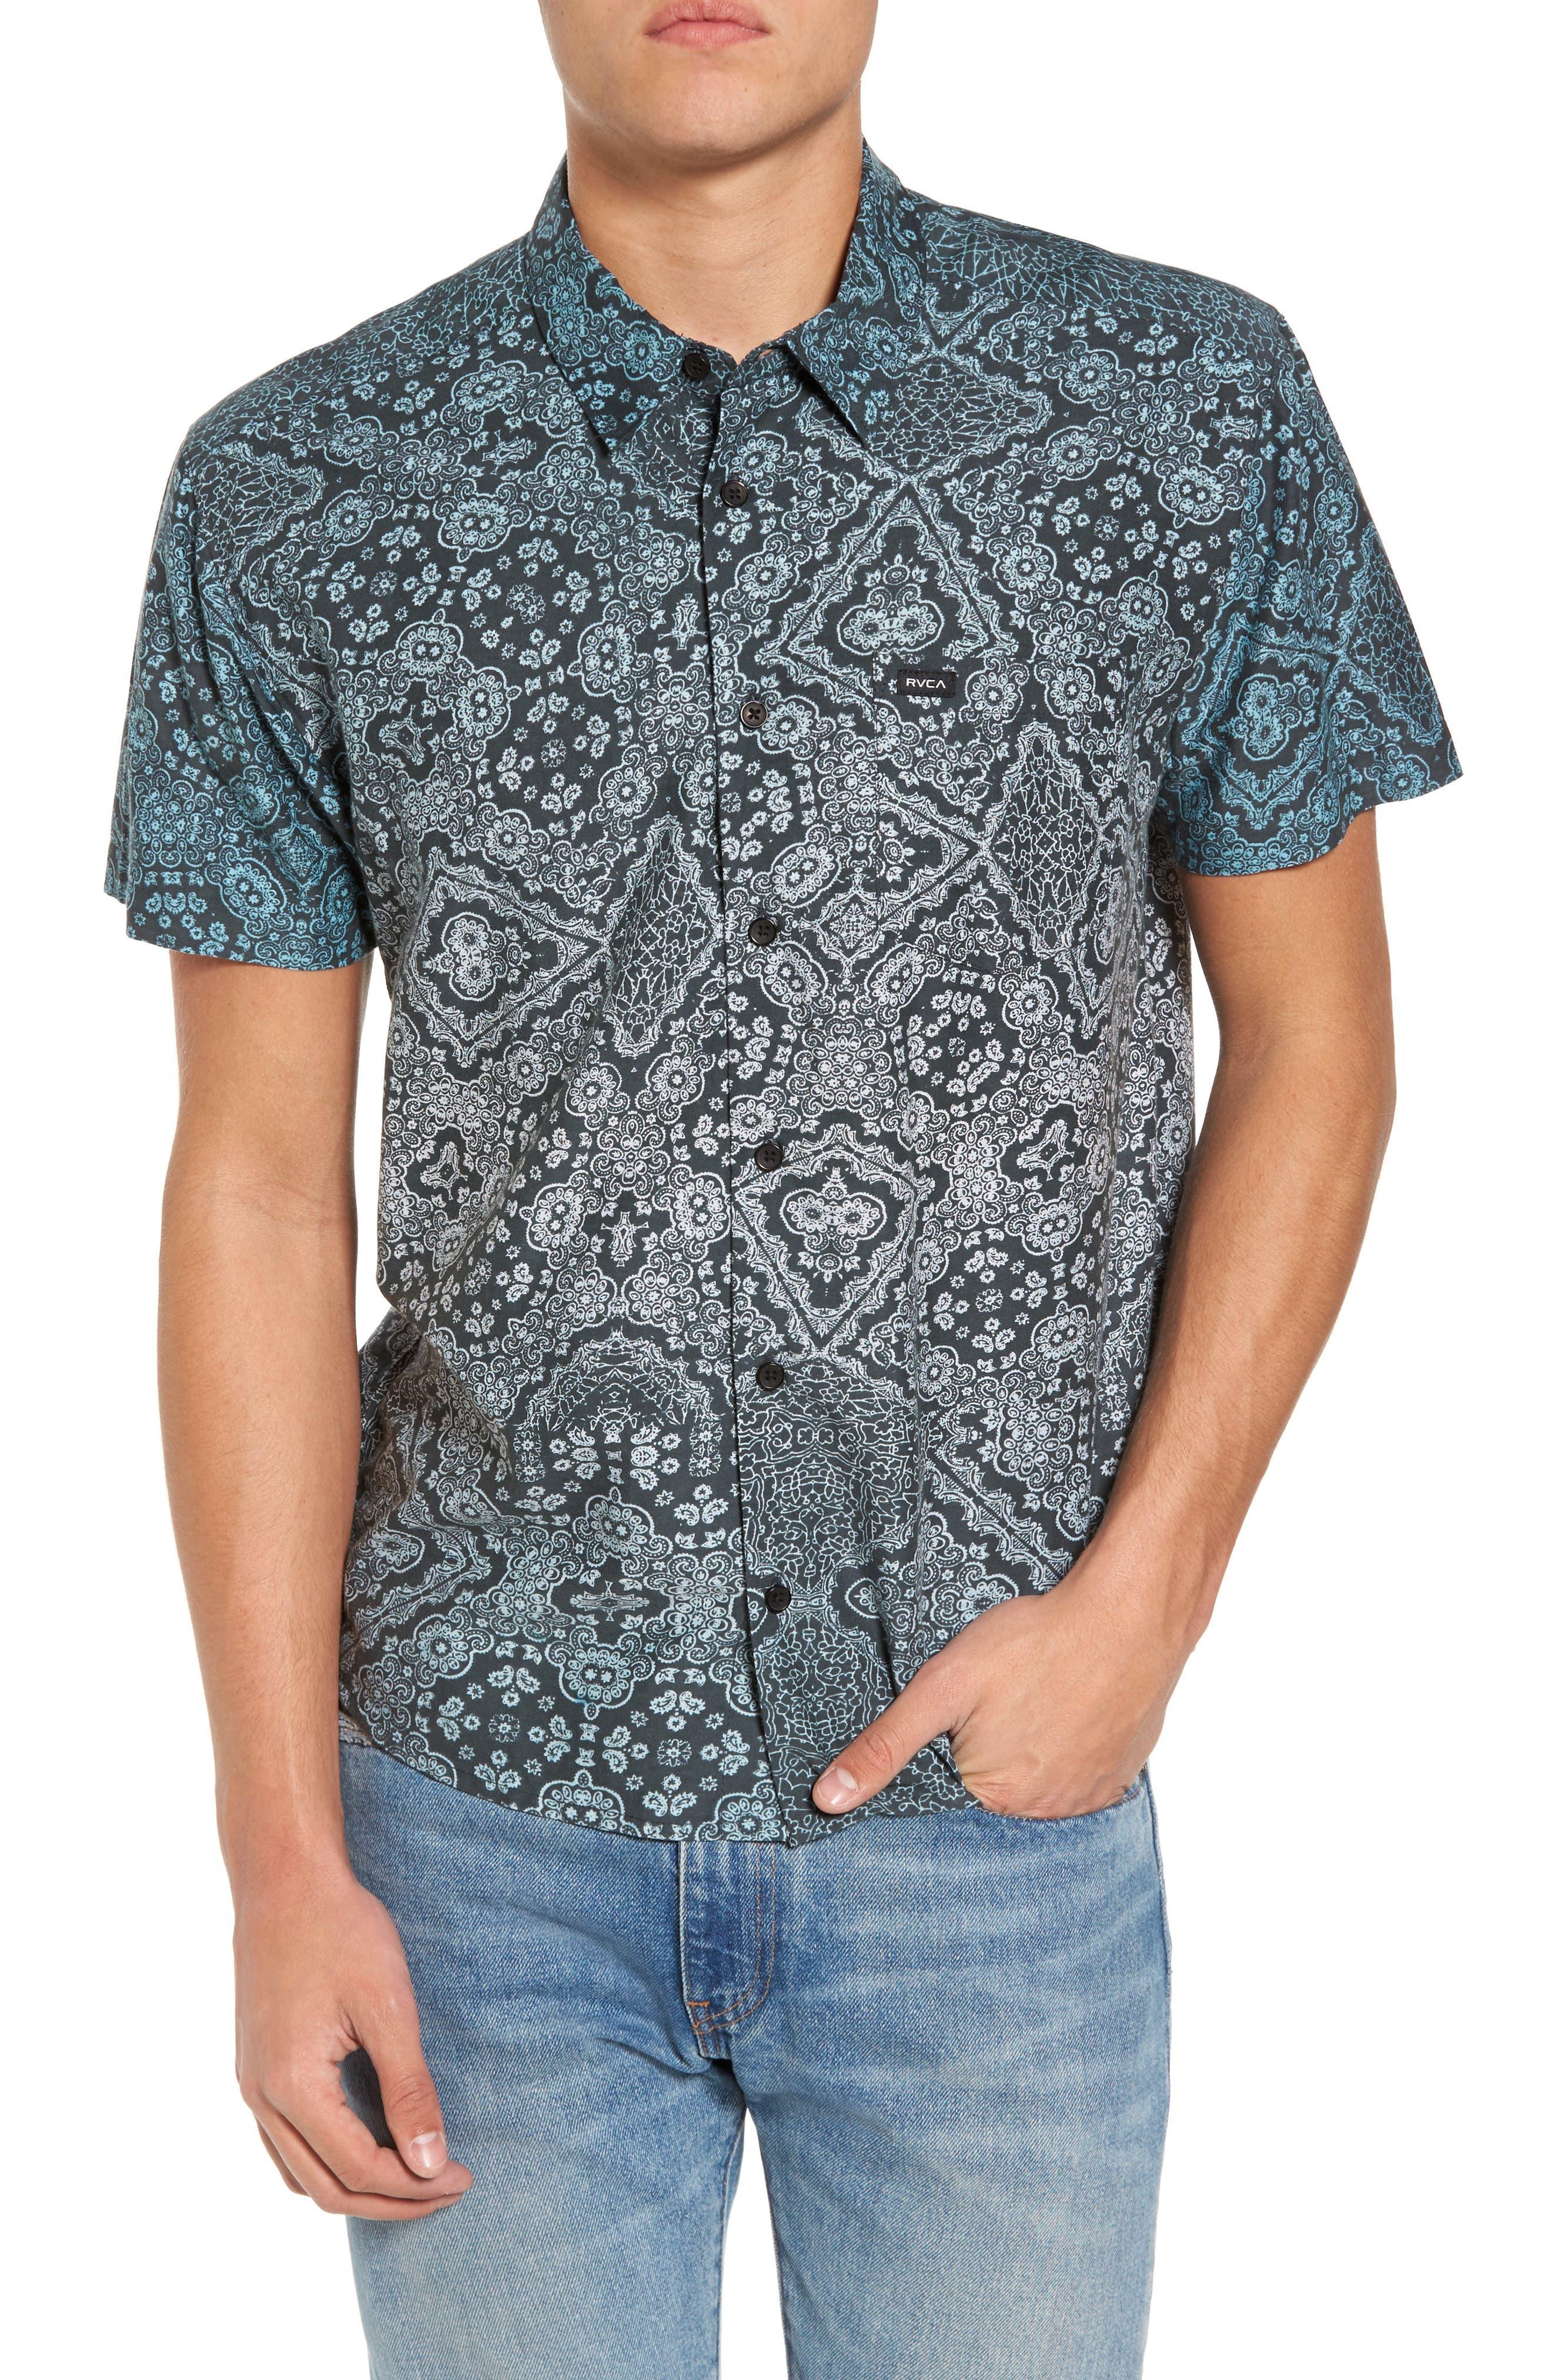 Main Image - RVCA I Like It Print Shirt